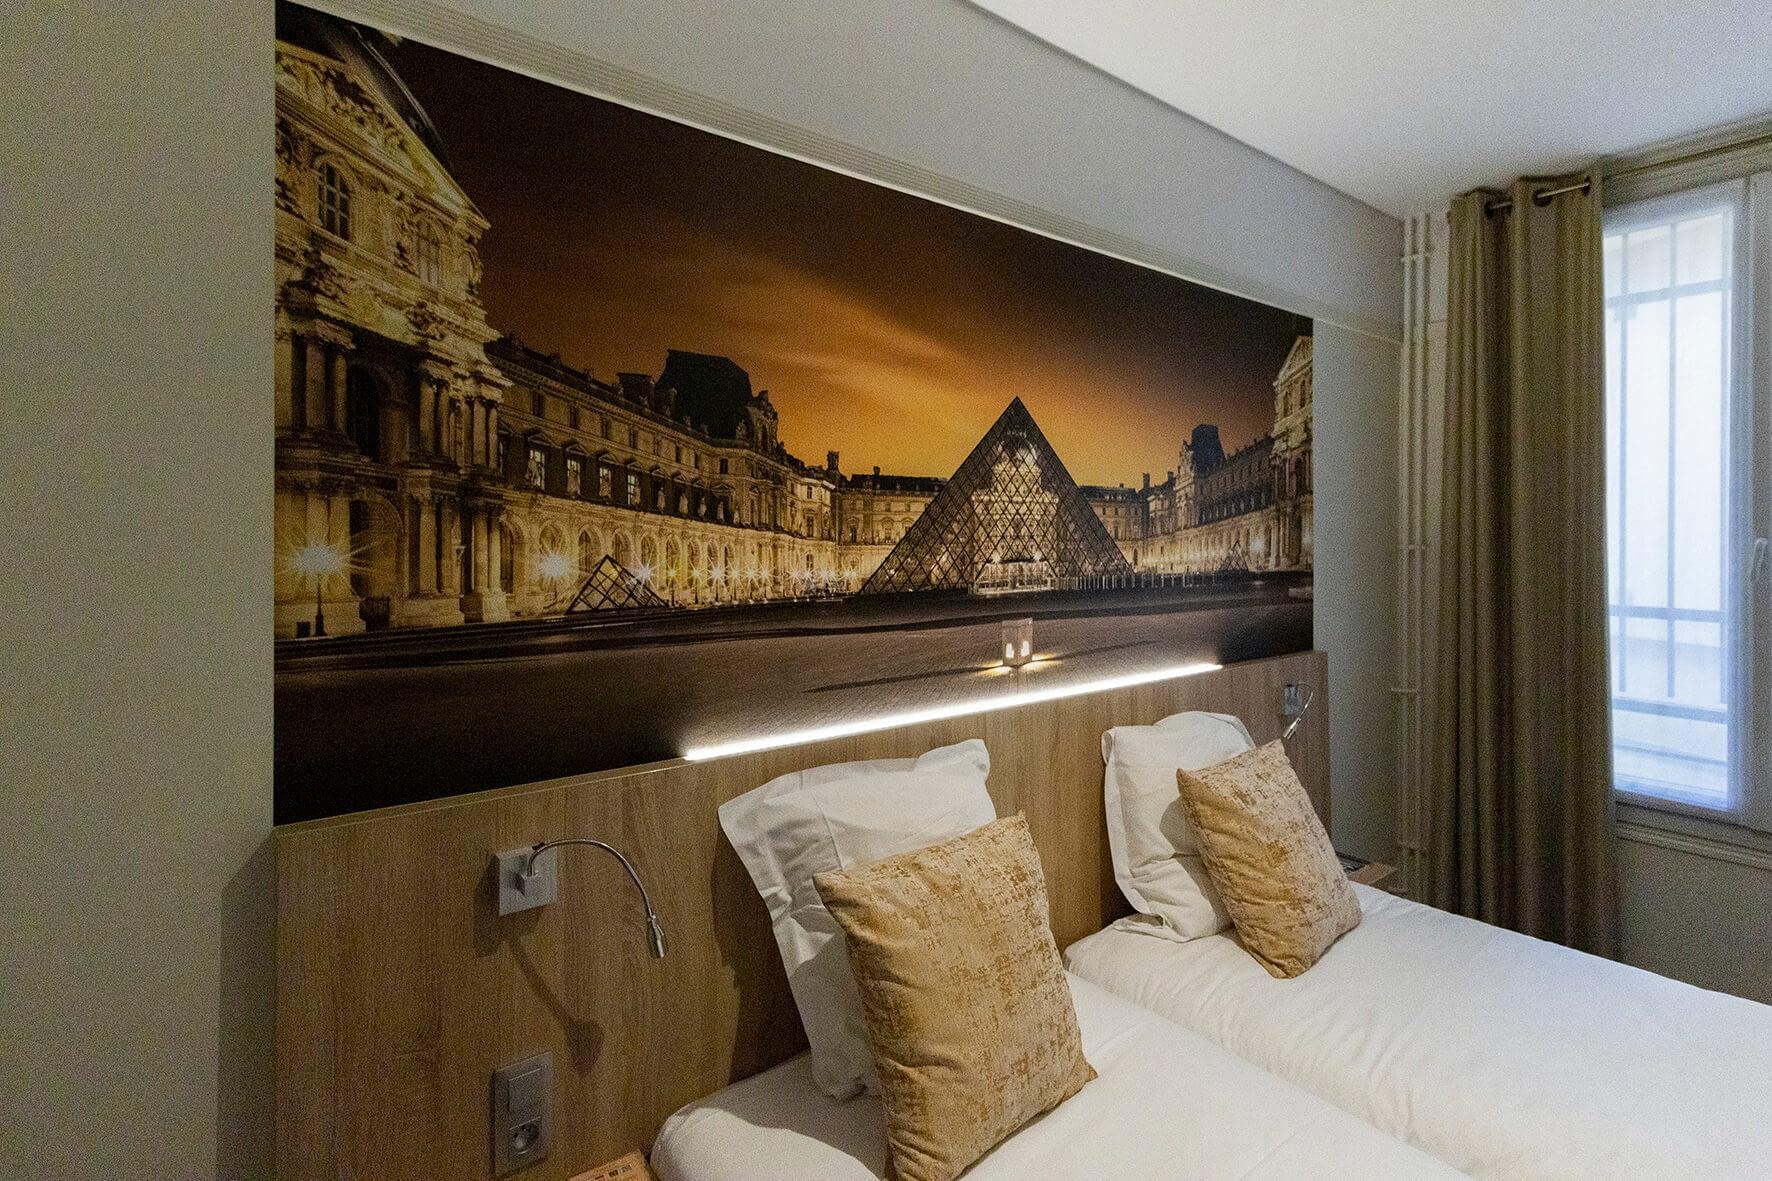 Vente et installation de photographies d'art Pixopolitan pour l'hotel Opéra Lafayette.